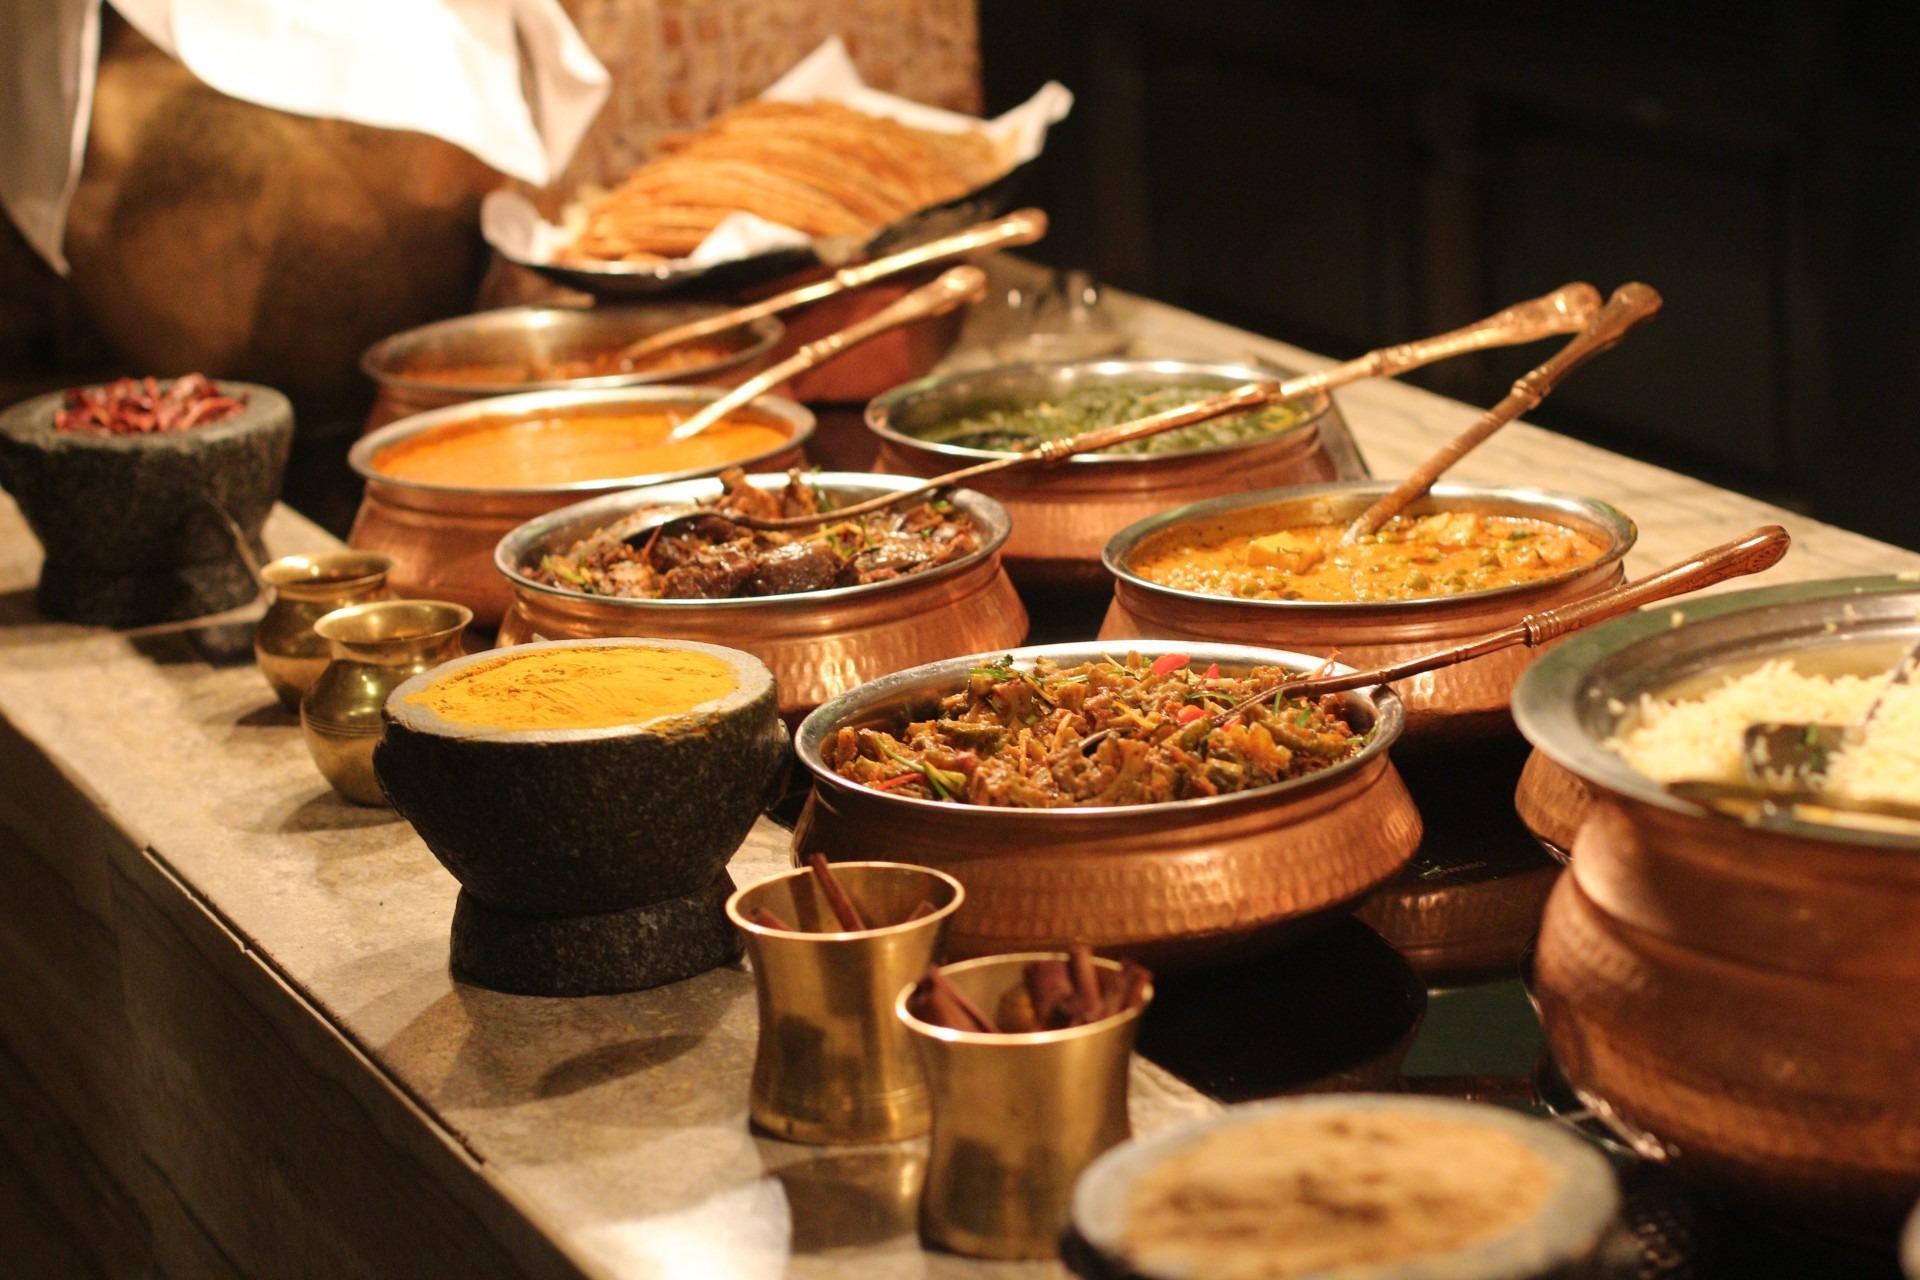 comfort foods for your winter wedding feast